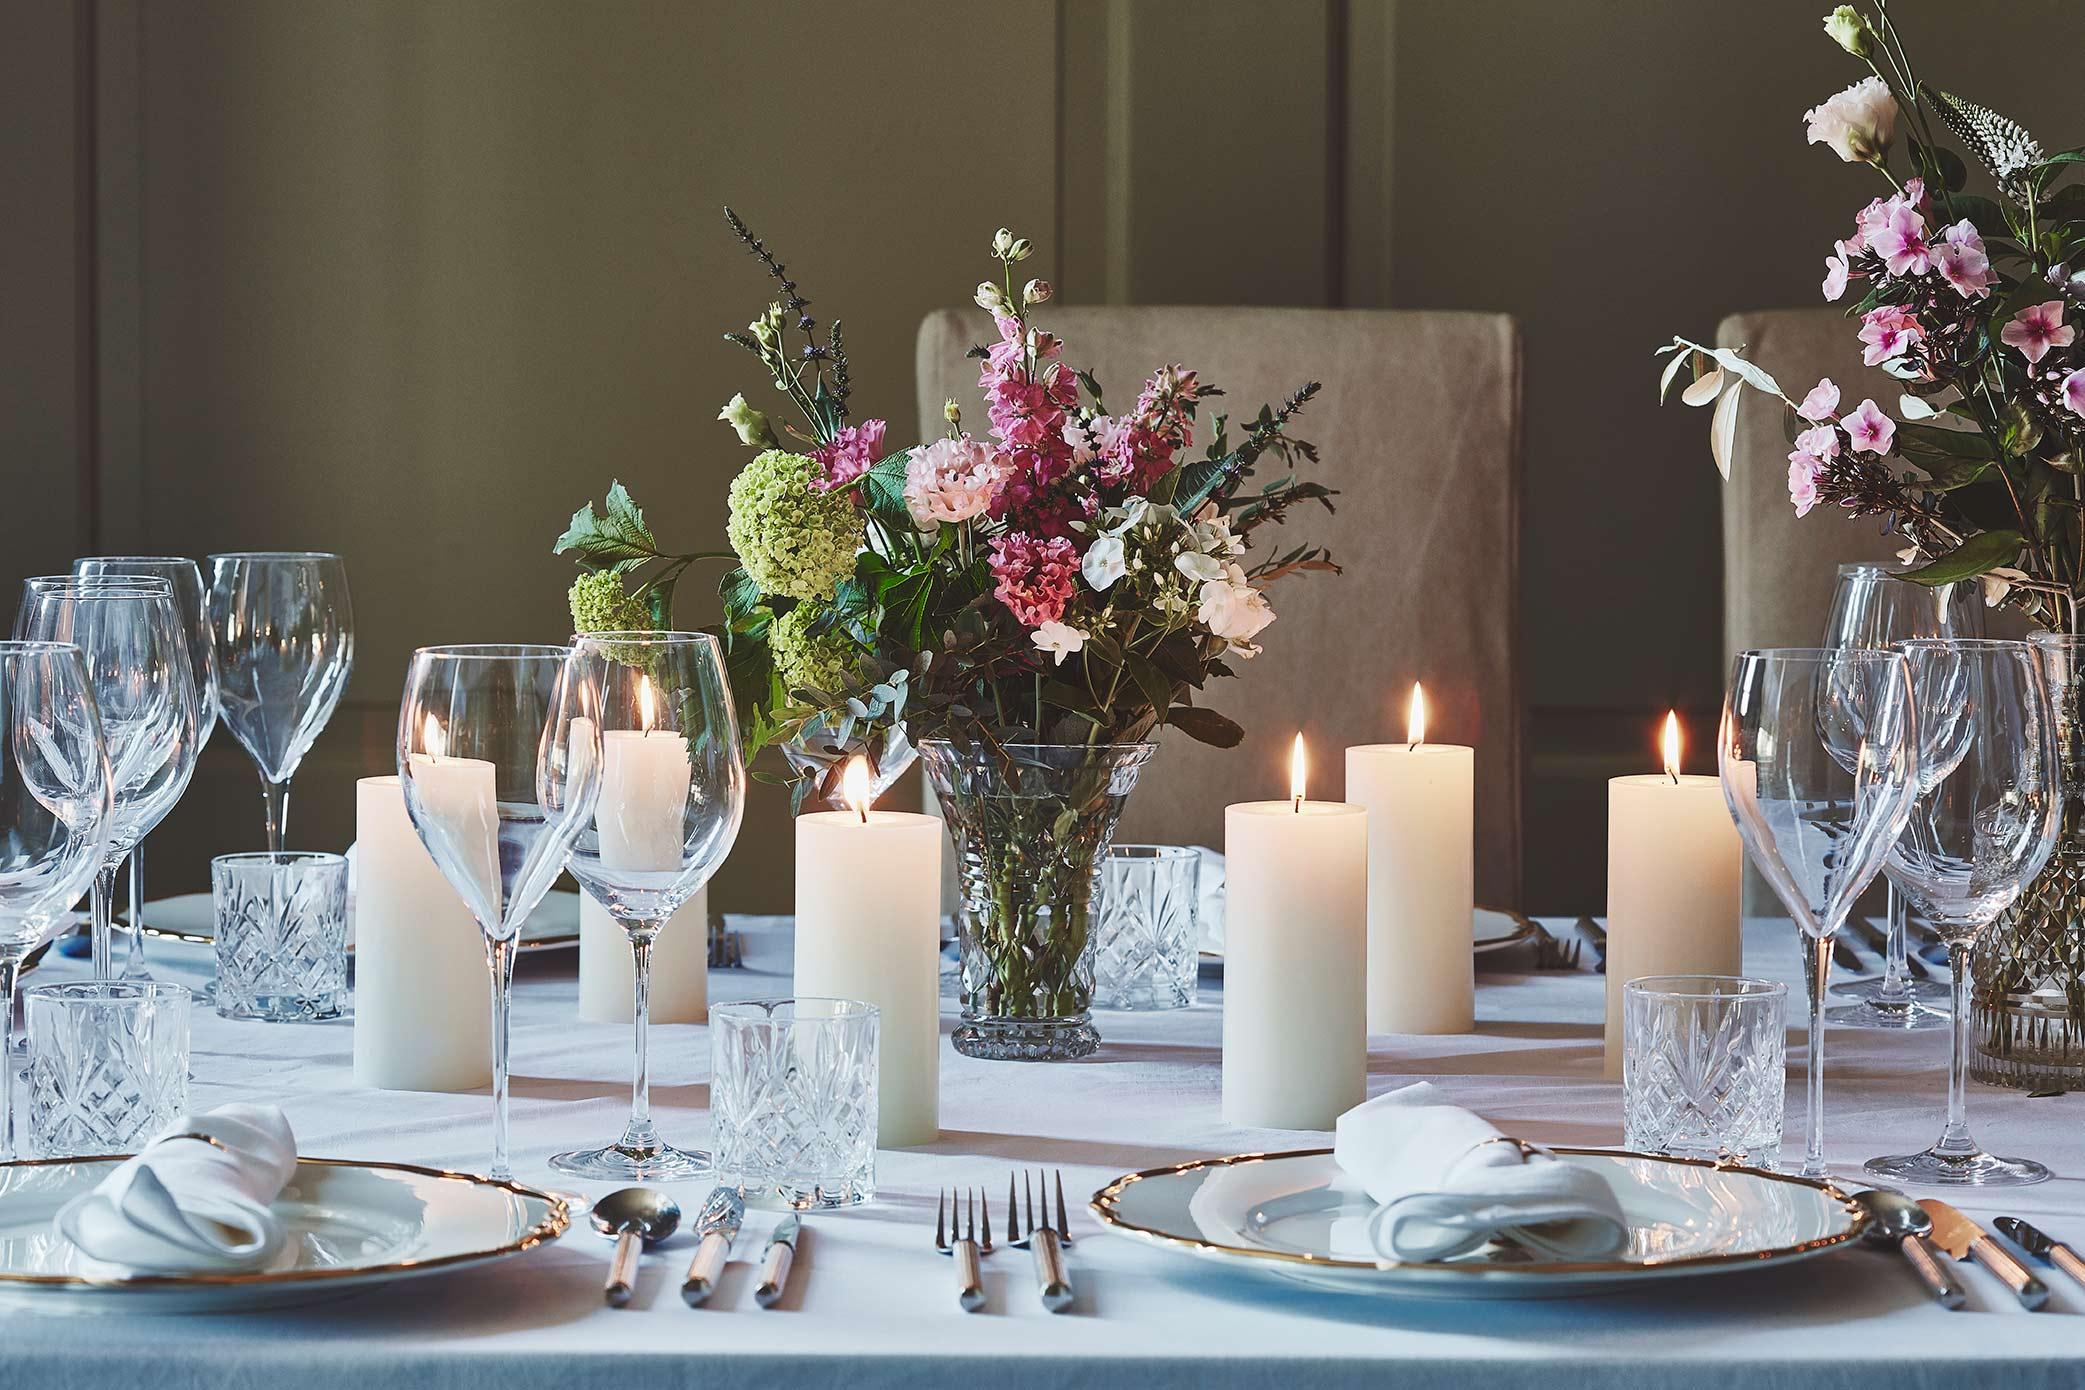 Dining-Room-Dinner-02-018.jpg